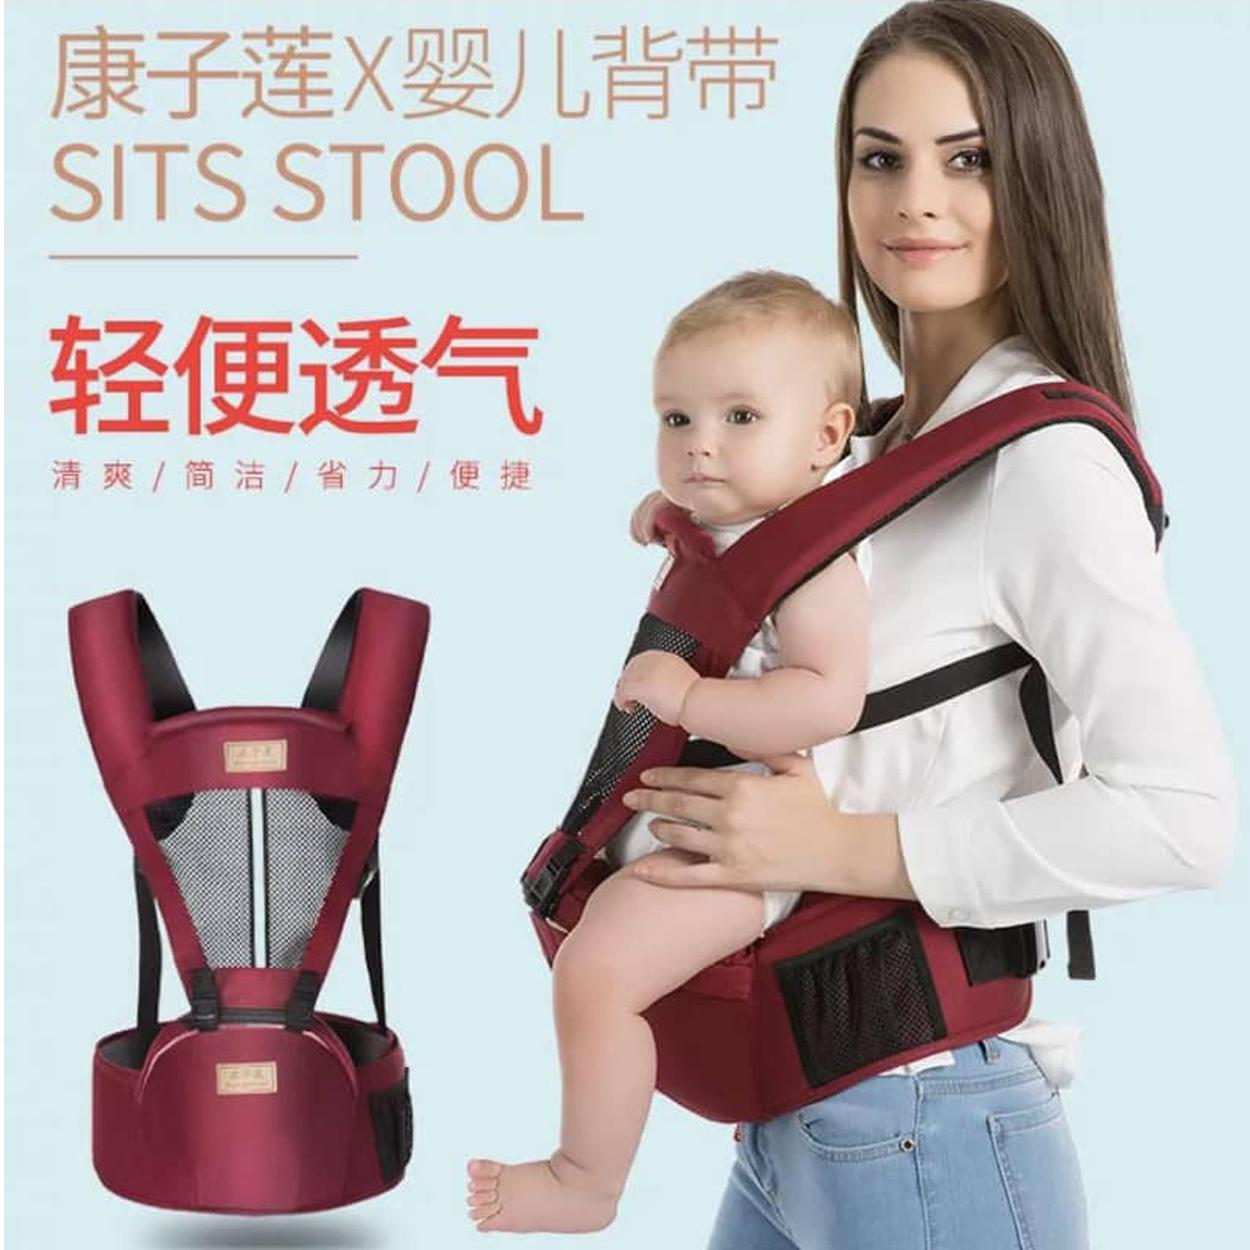 543b3d12ffe Baby Carrier Cotton Sling Backpack Bag Gear With Hip Seat Wrap Newborn  Waist Stool Belt (